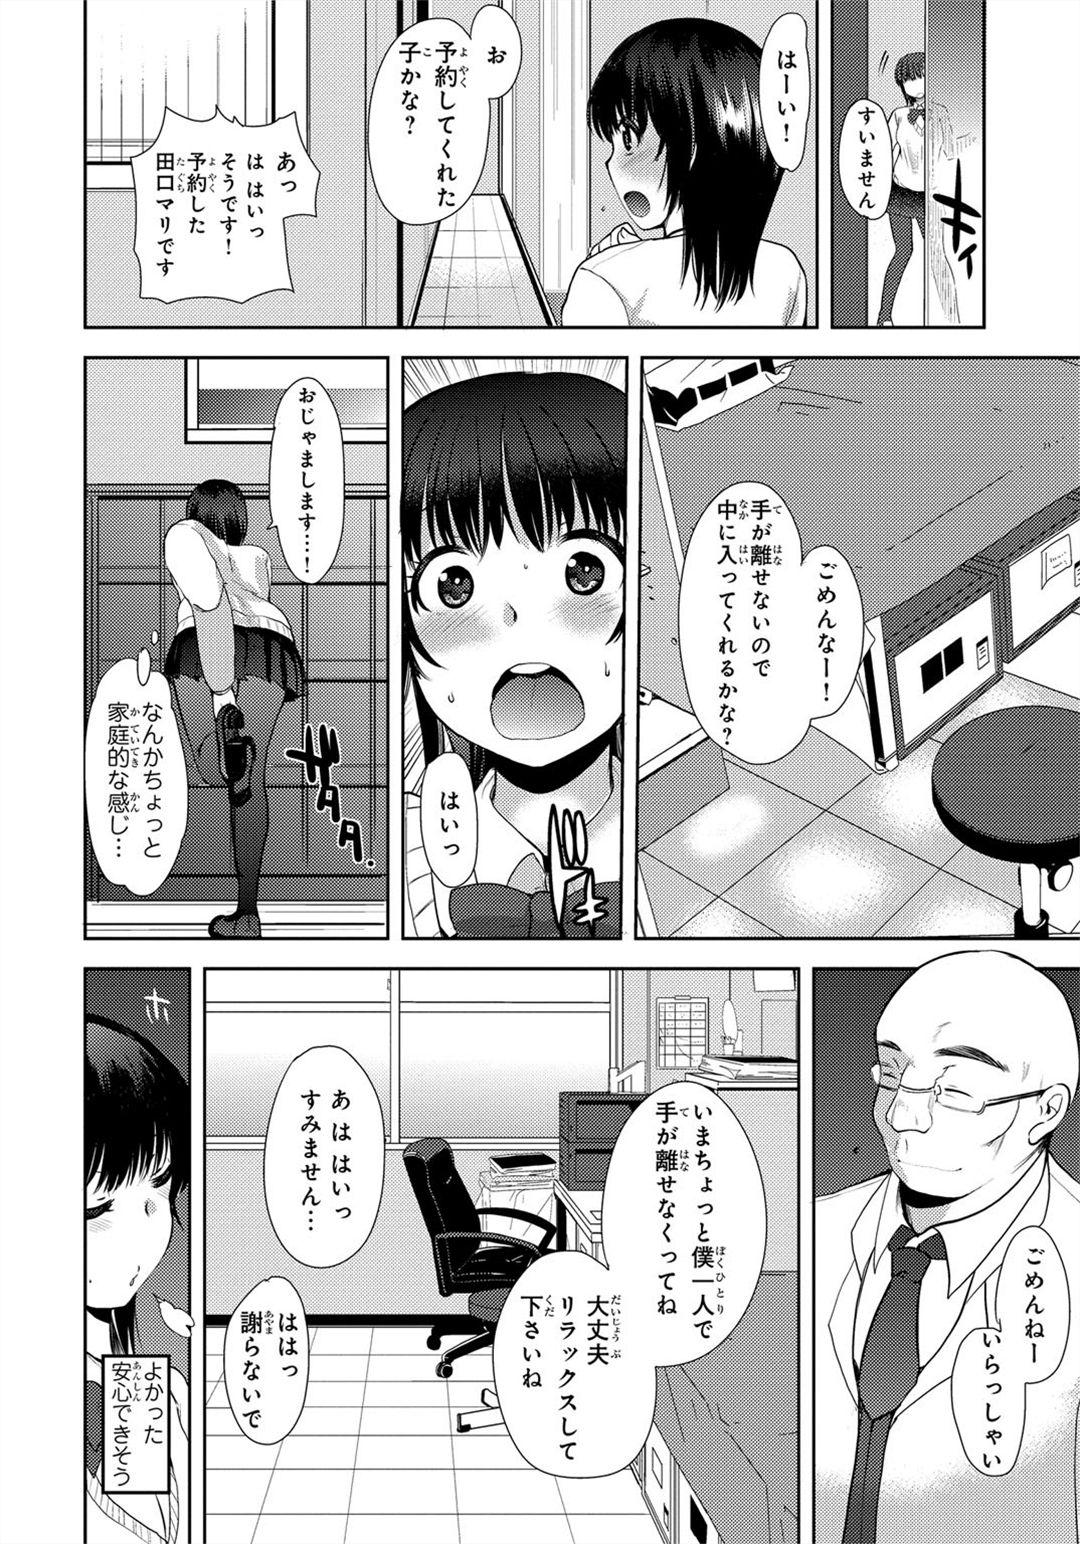 Kichiku! Saimin Choukyou Taguchi Mari wa Ika ni Hisan na Shojo Soushitsu o Mukaeta ka 3